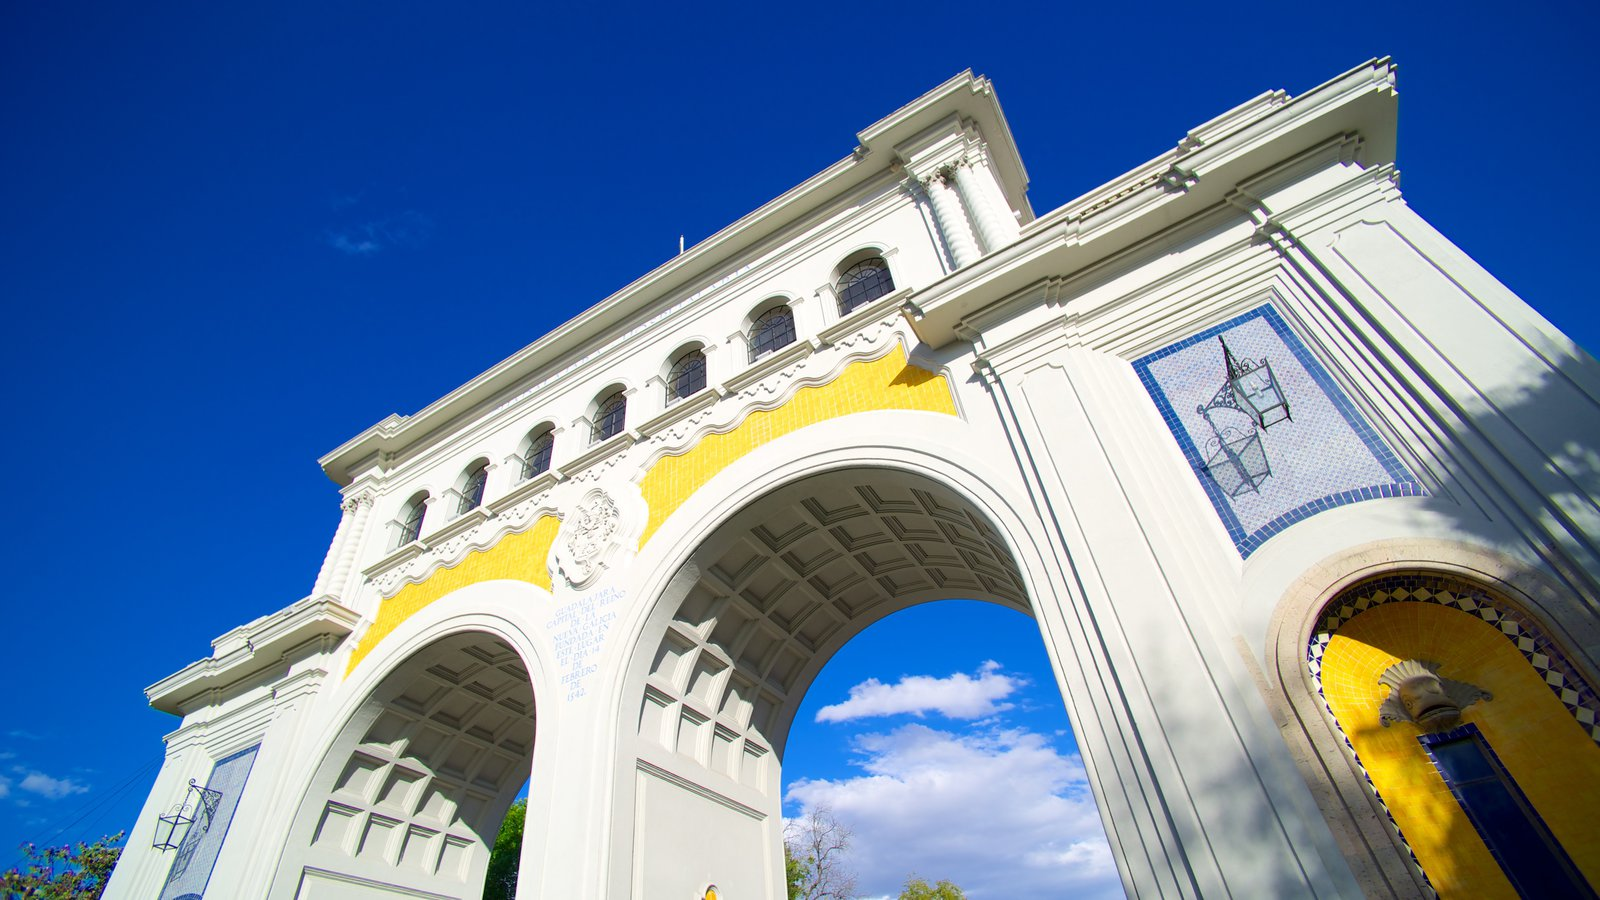 Los Arcos de Guadalajara mostrando arquitetura de patrimônio e um monumento